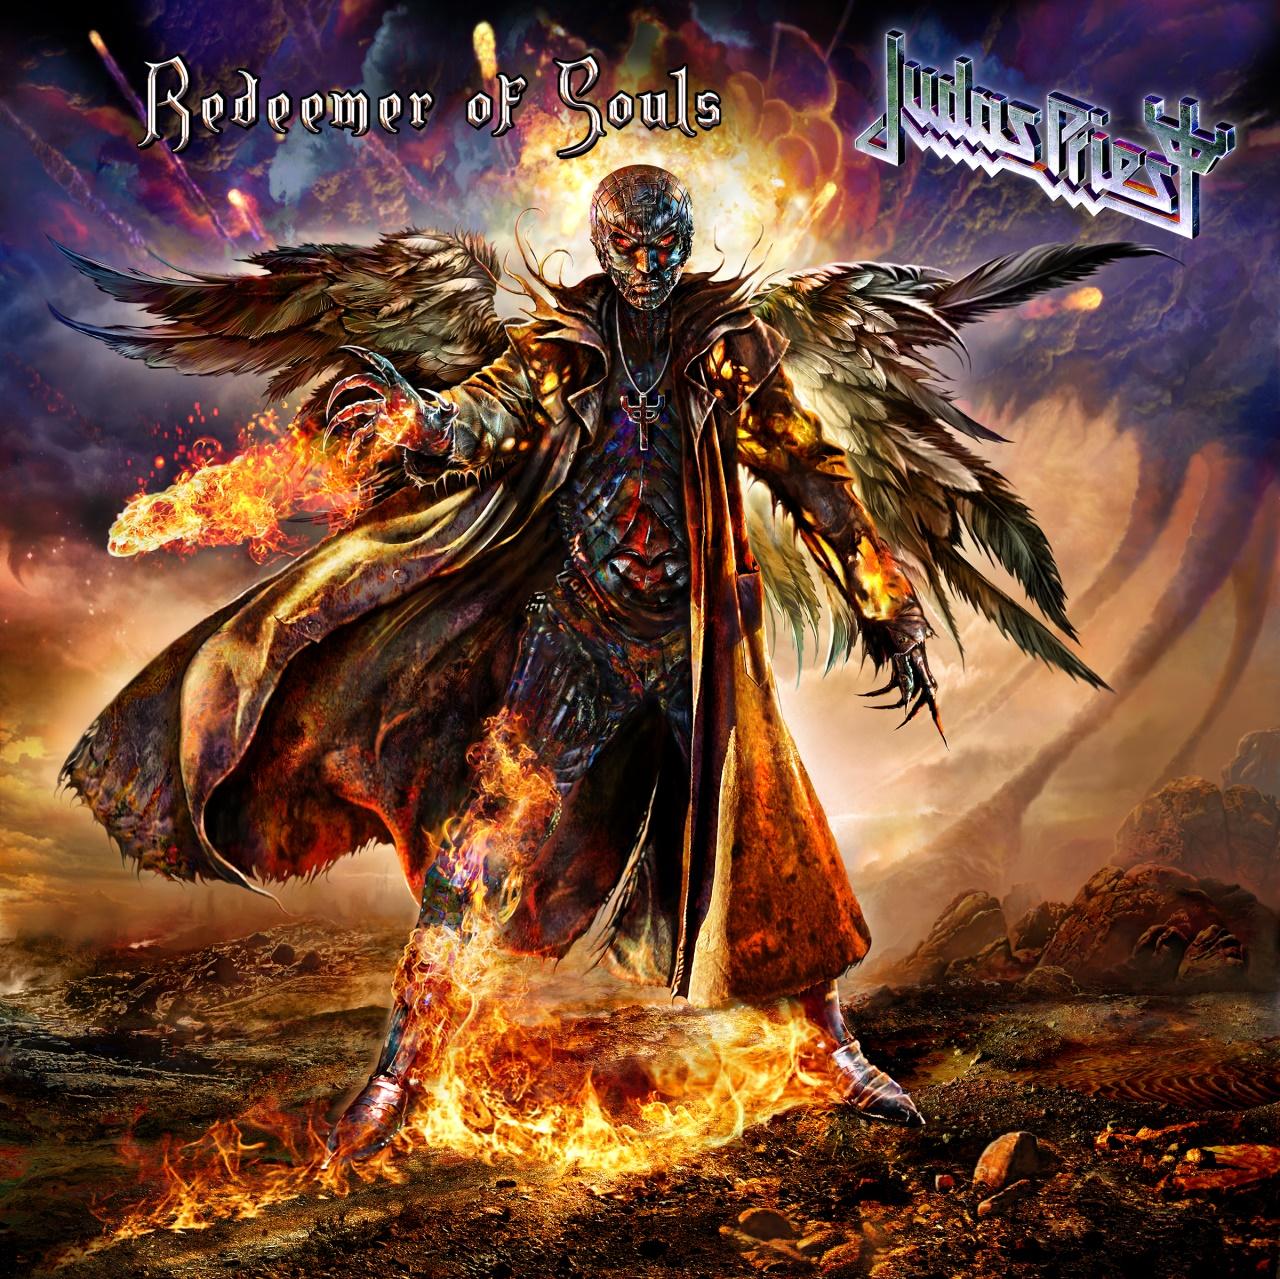 02. Judas Priest REDEEMER OF SOULS